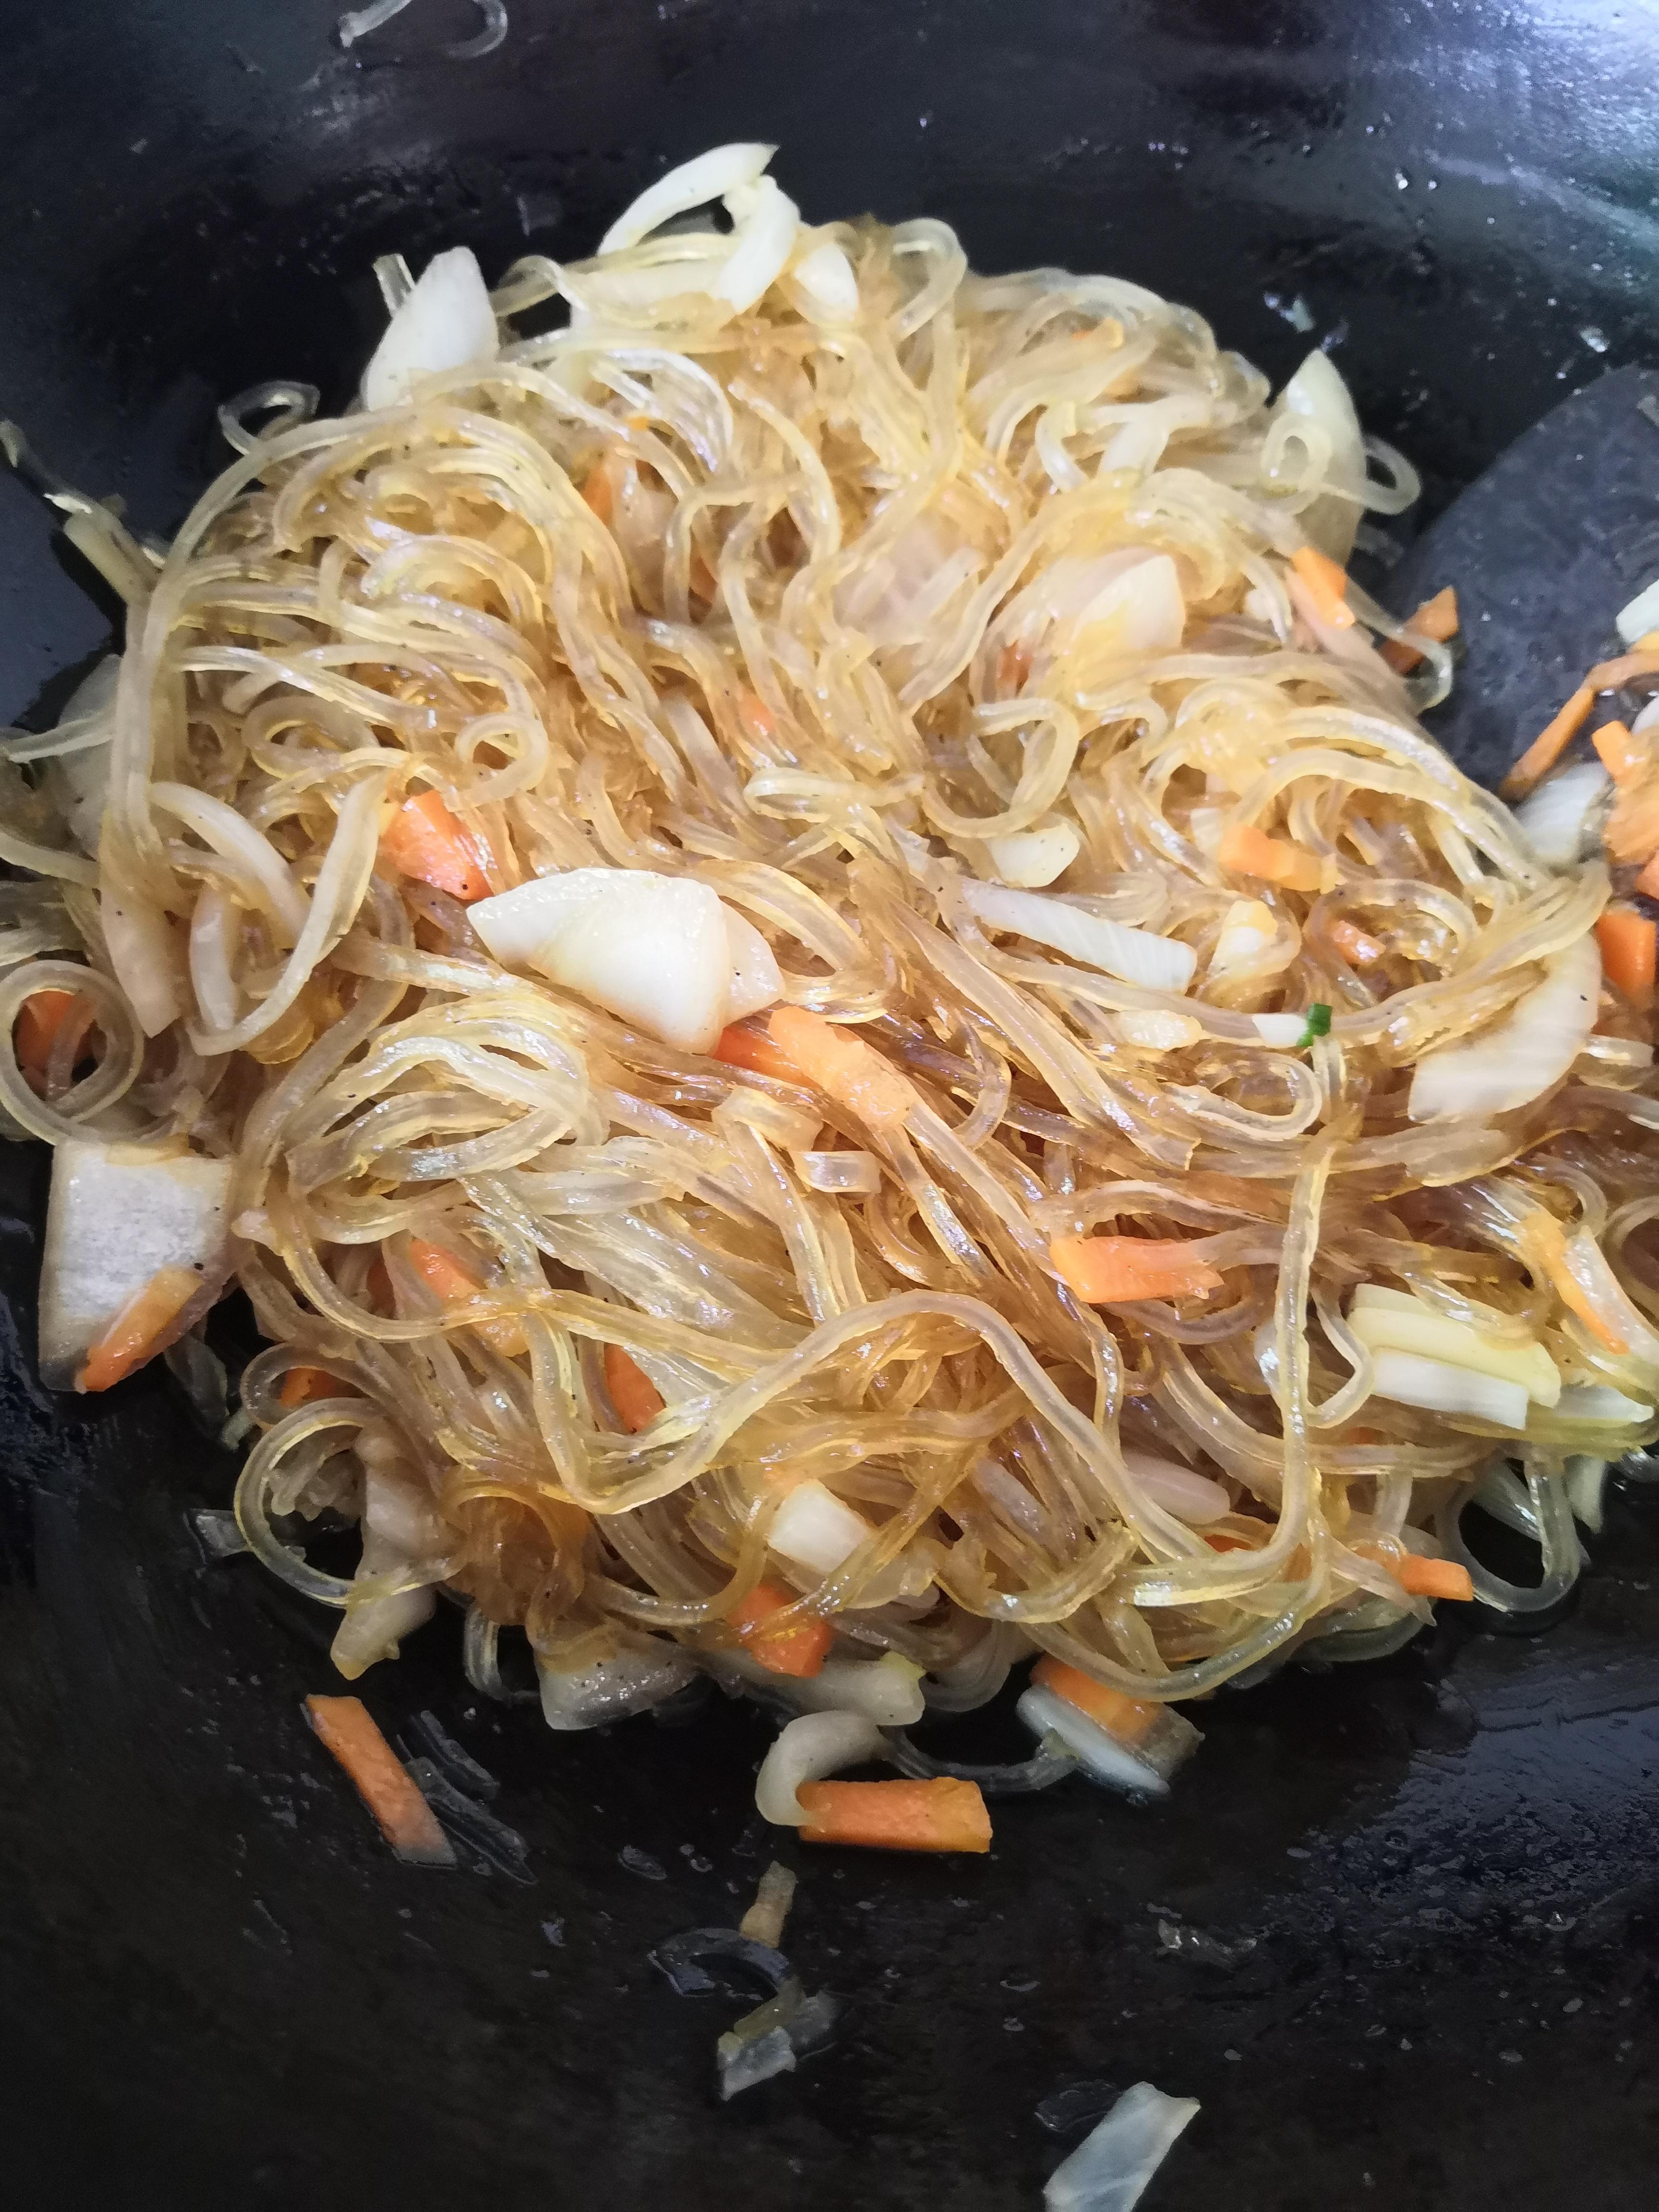 再加入适量蚝油翻拌均匀即可。食材不用炒熟,后面还要上锅蒸煮。